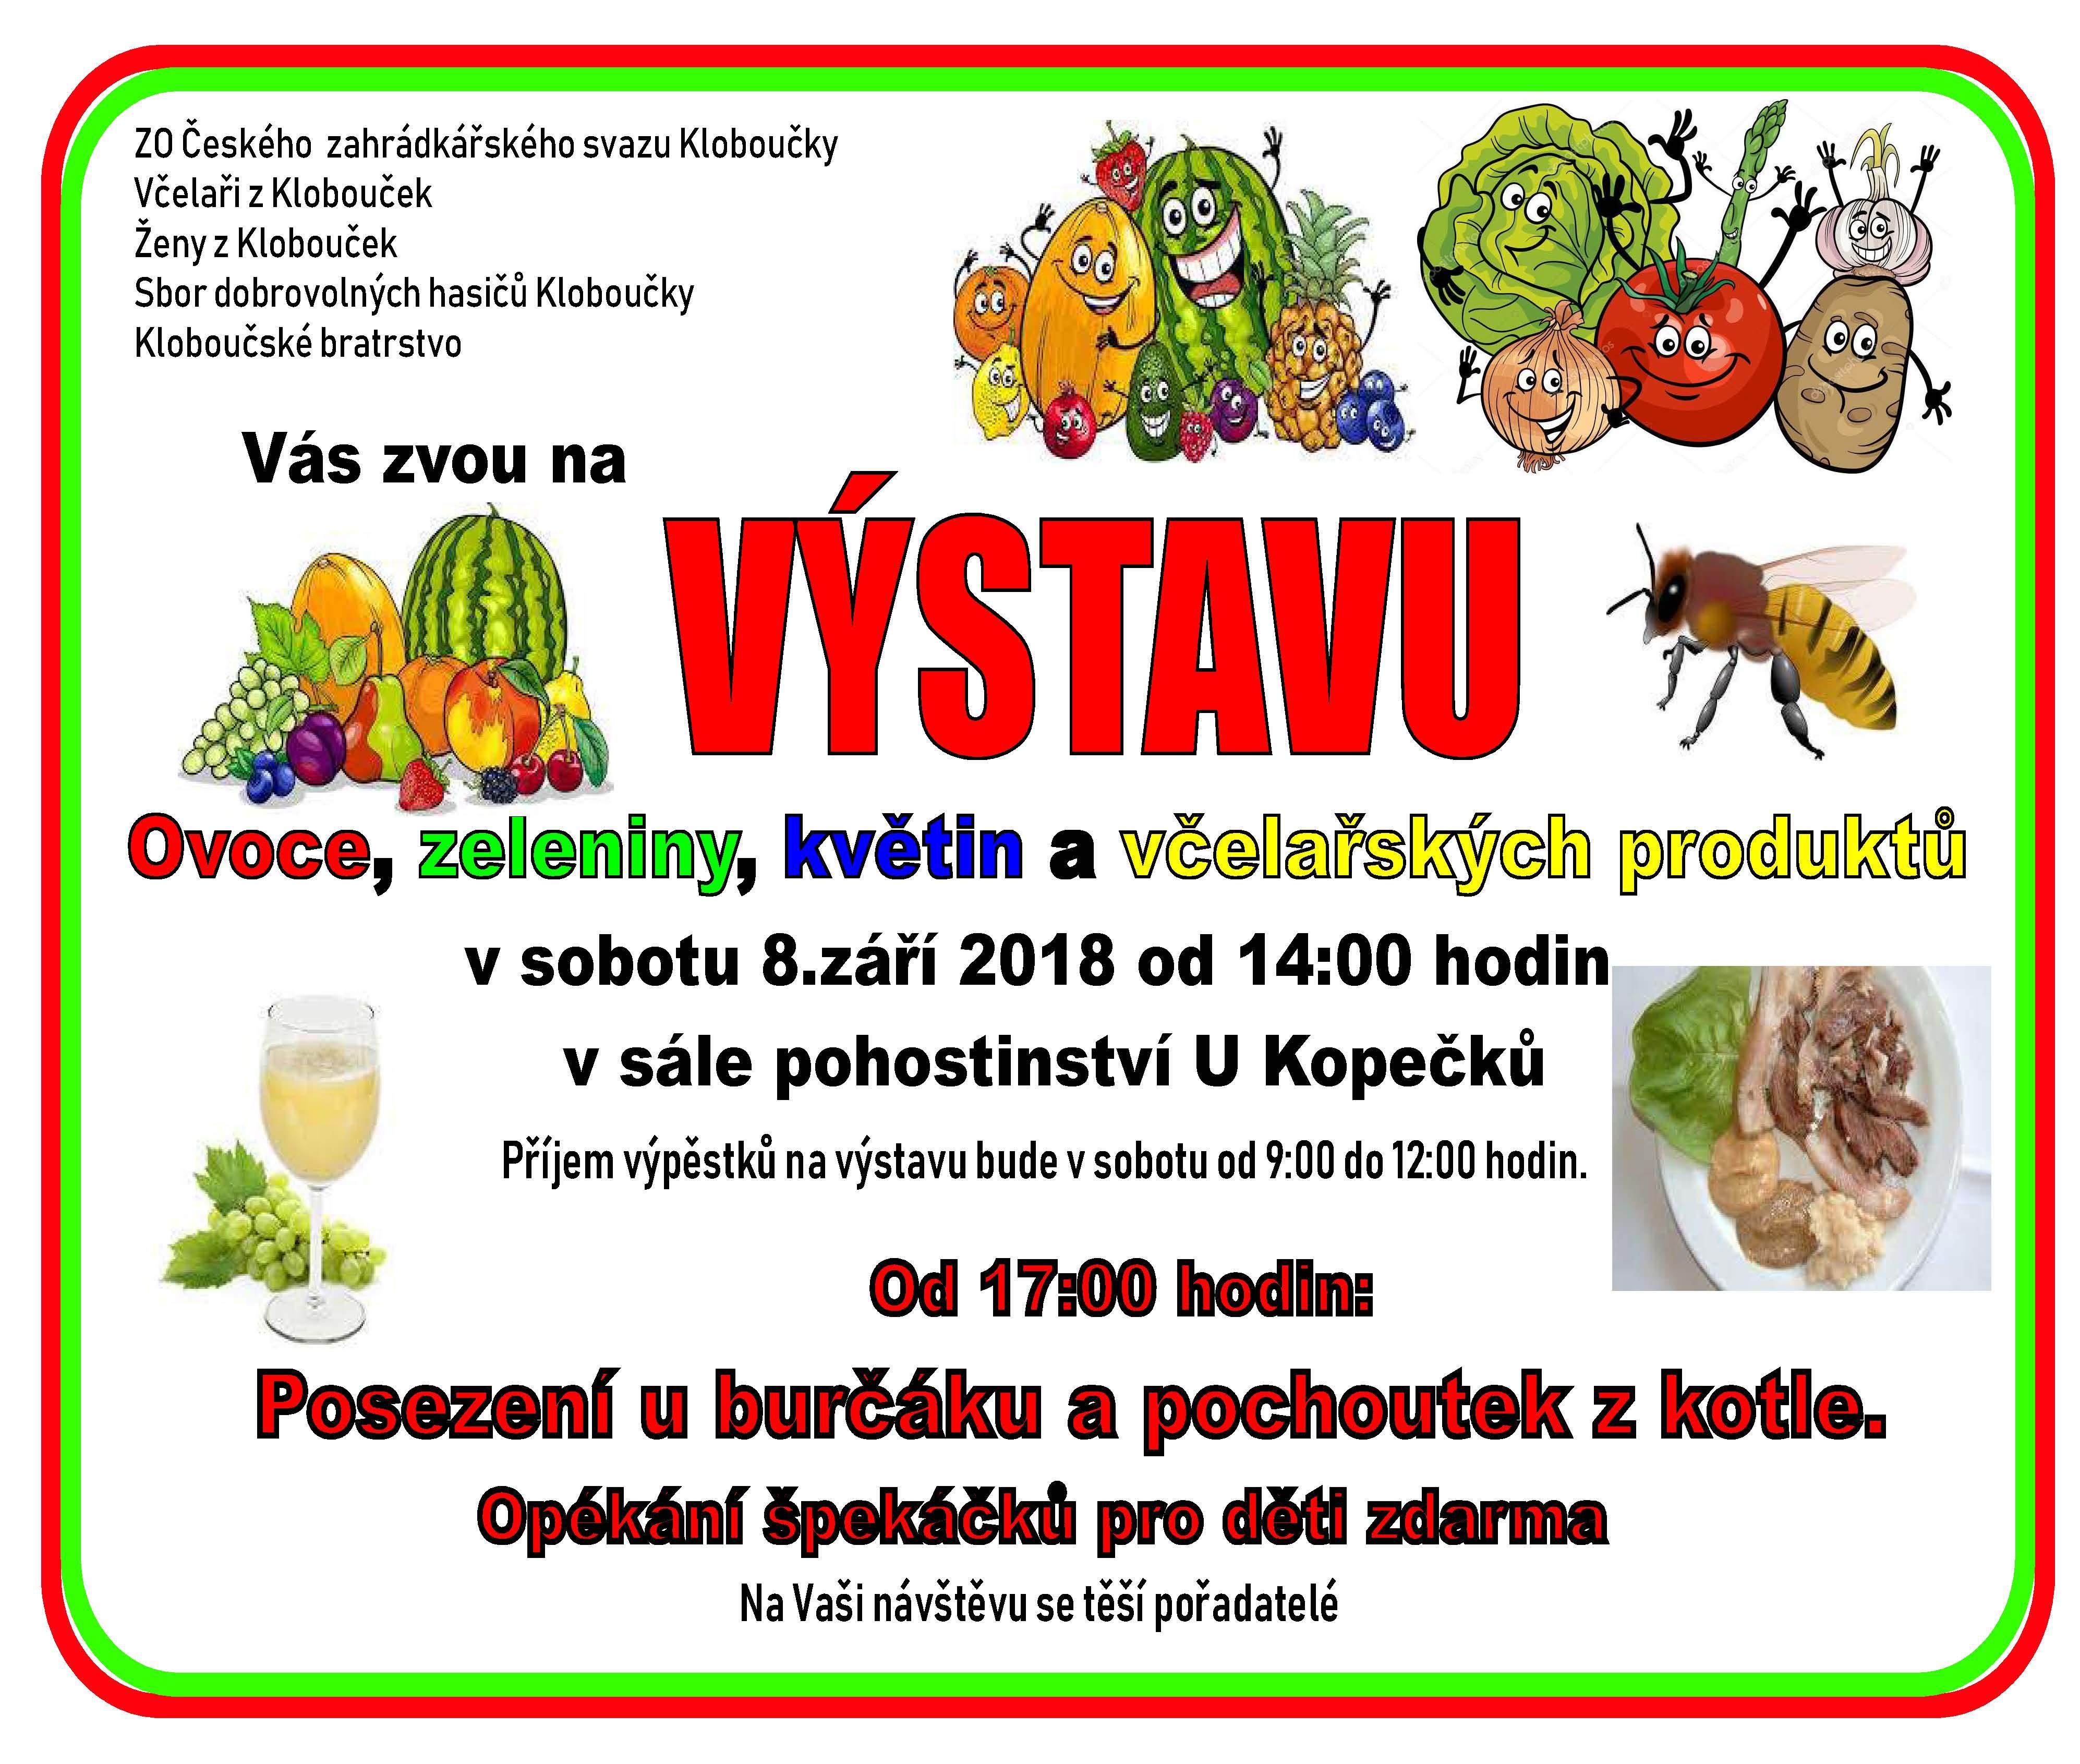 http://www.bucovice.cz/assets/File.ashx?id_org=1516&id_dokumenty=30053